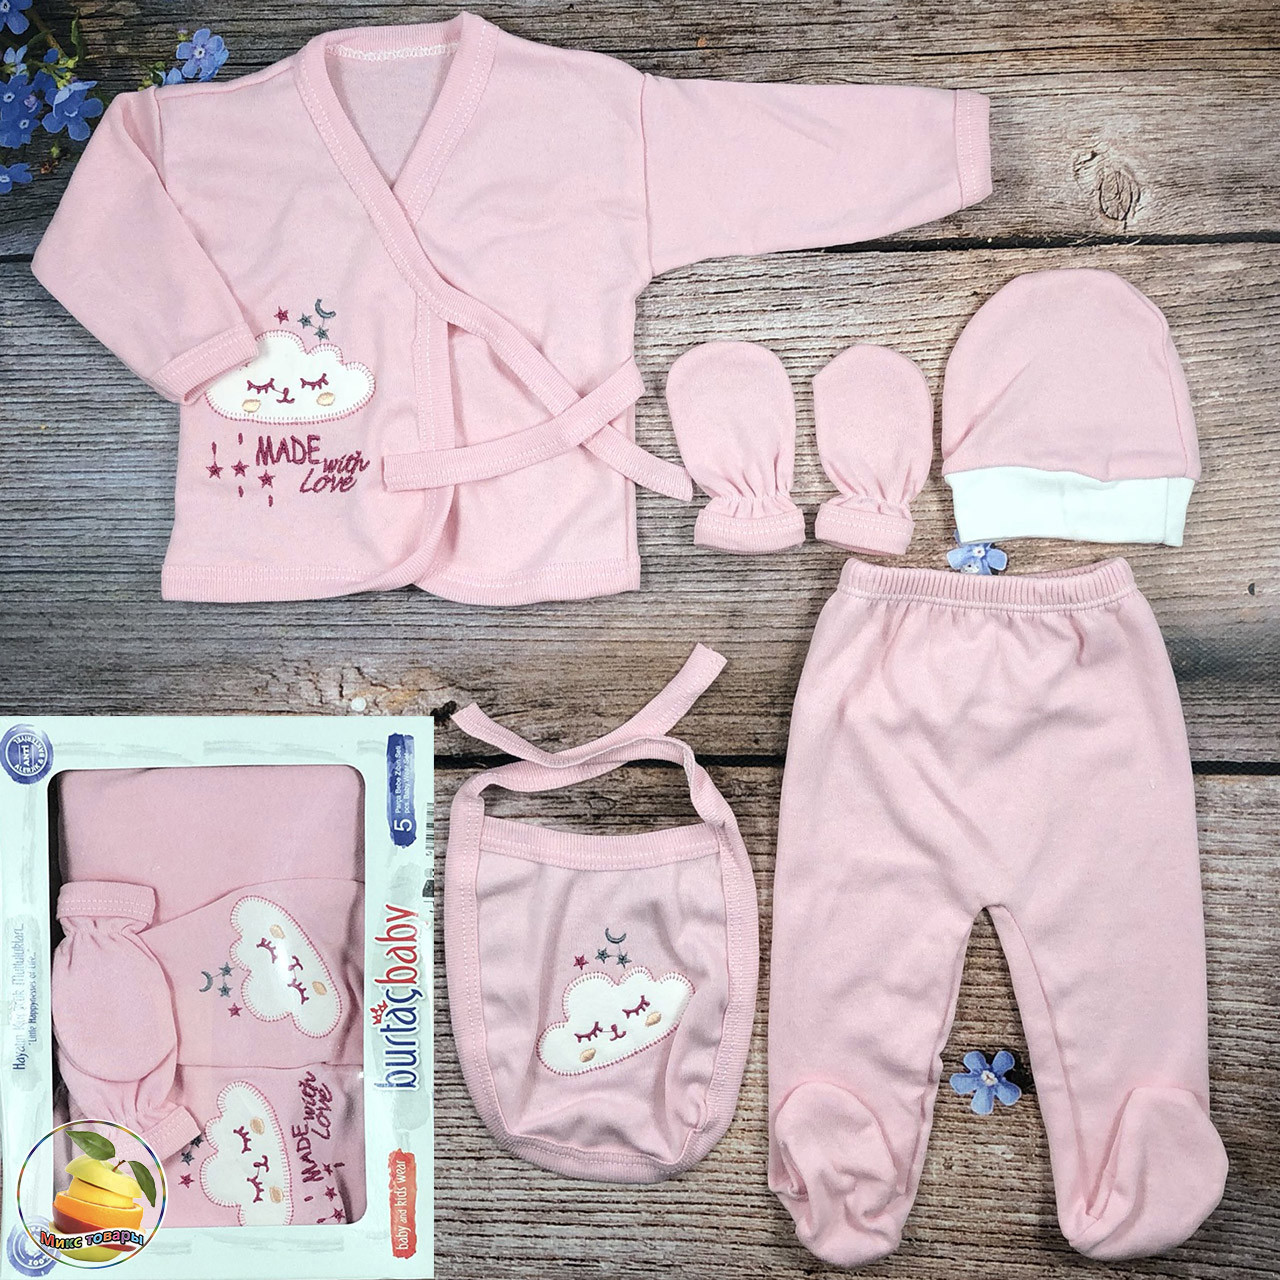 Набір одягу в пологовий будинок, 5 предметів, для дівчинки Розмір: 0 - 3 місяців (20919-2)